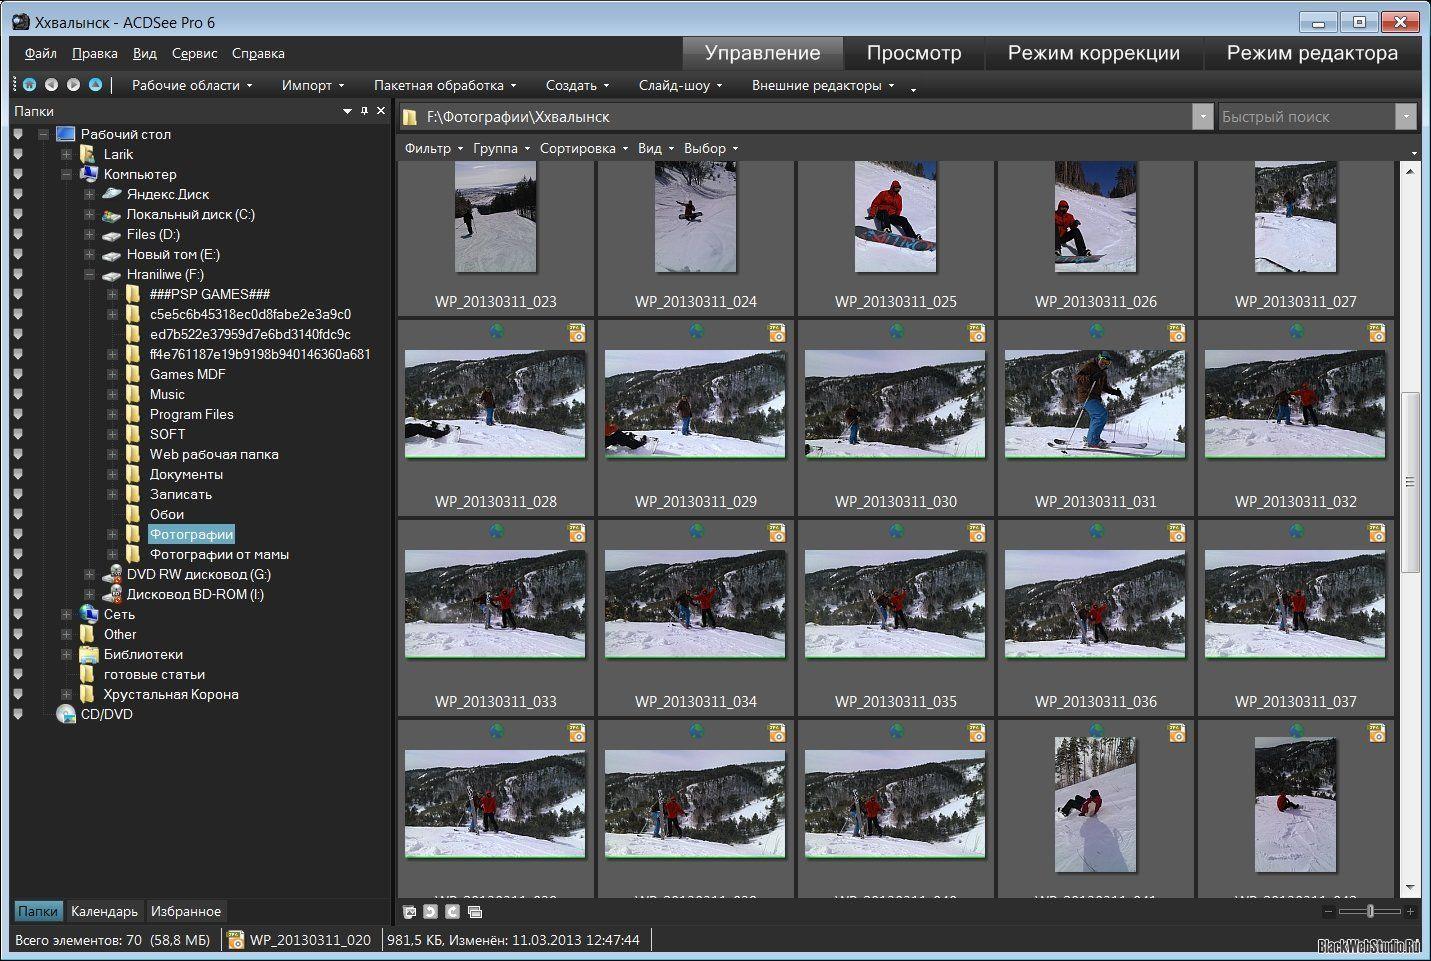 Скачать бесплатно программу для форматирования фотографий